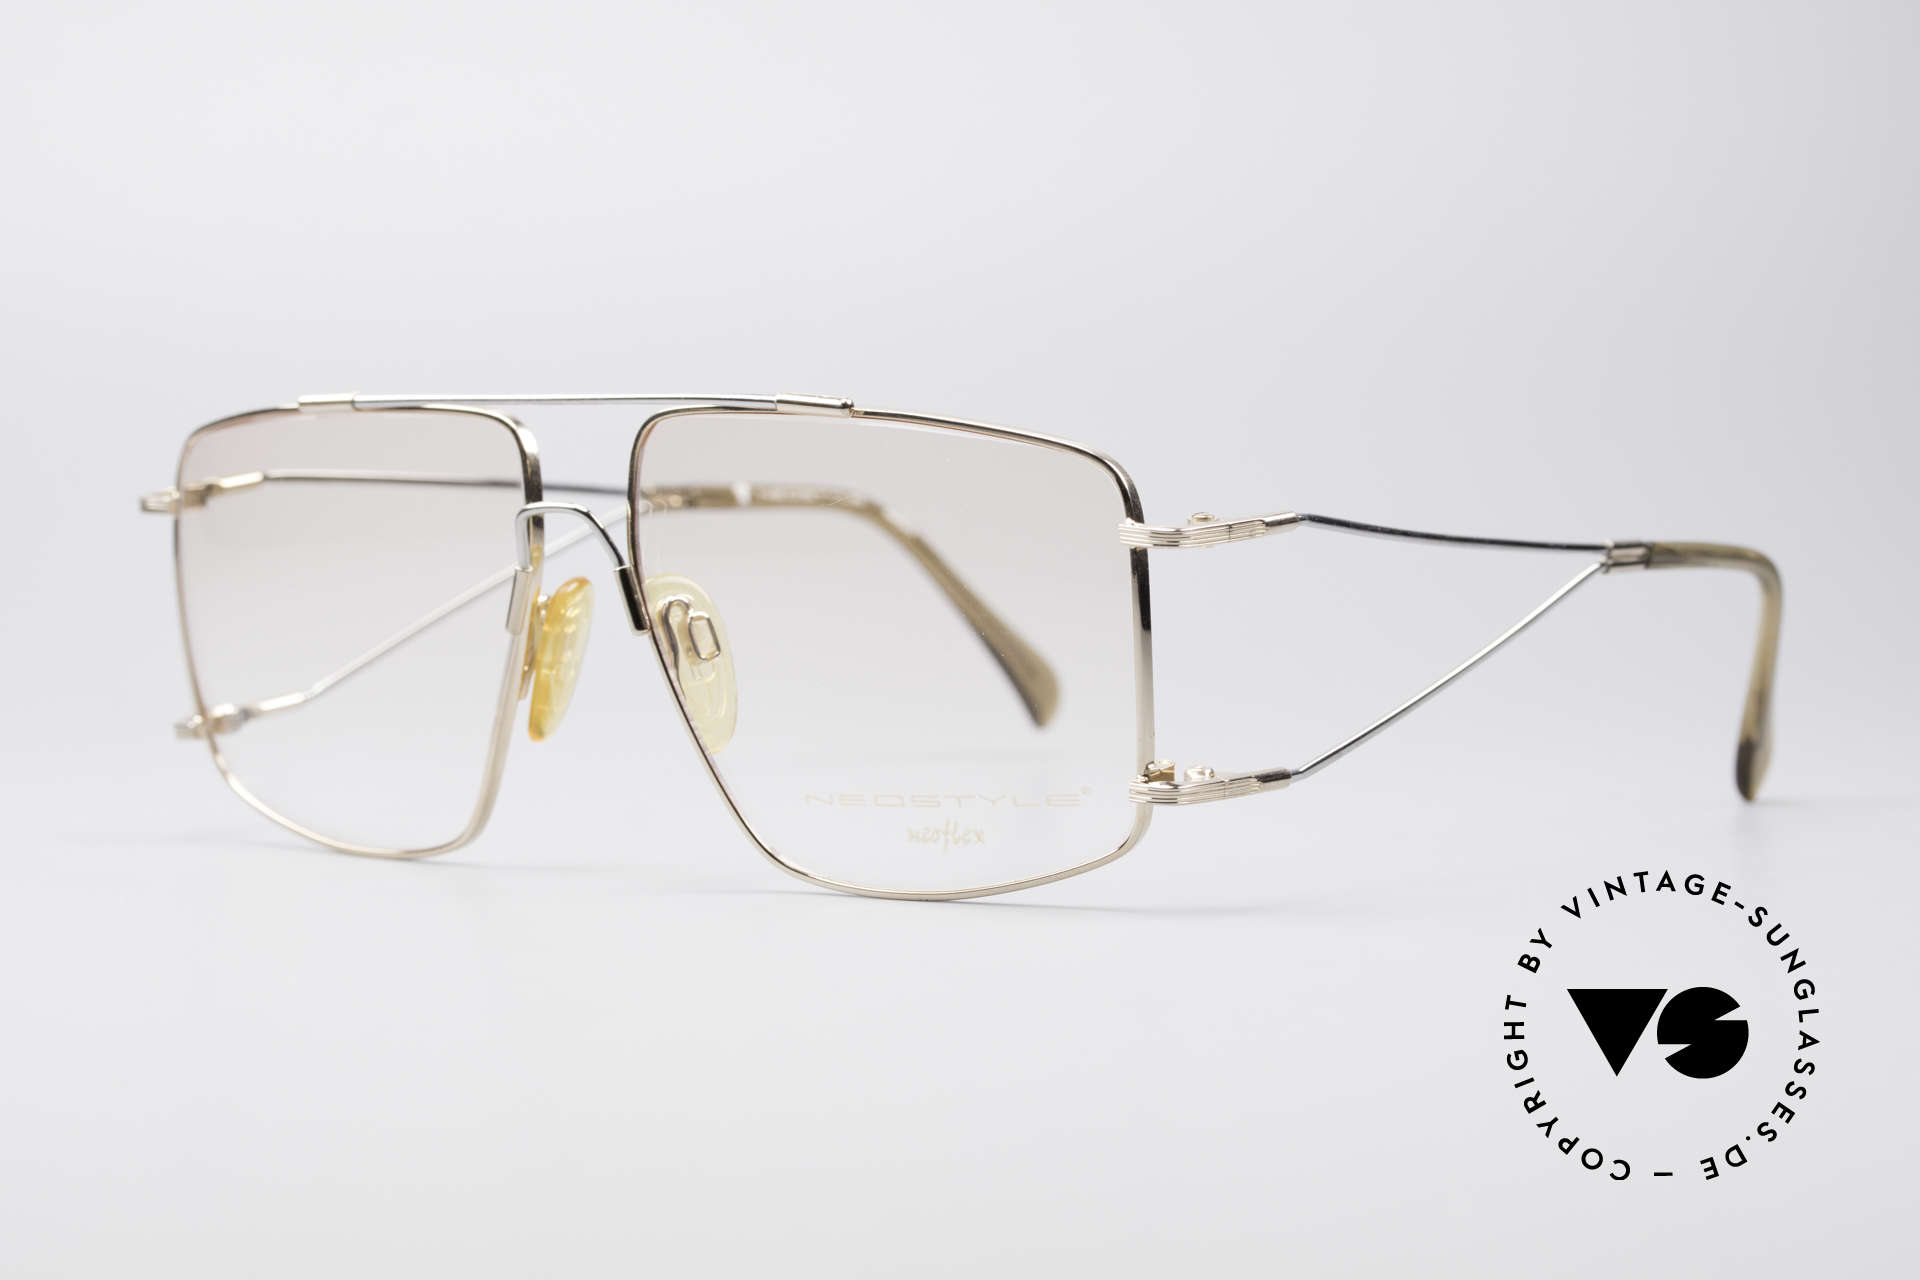 Neostyle Jet 40 Titanflex Vintage Brille, TITAN-FLEX ist unglaublich robust und sehr leicht, Passend für Herren